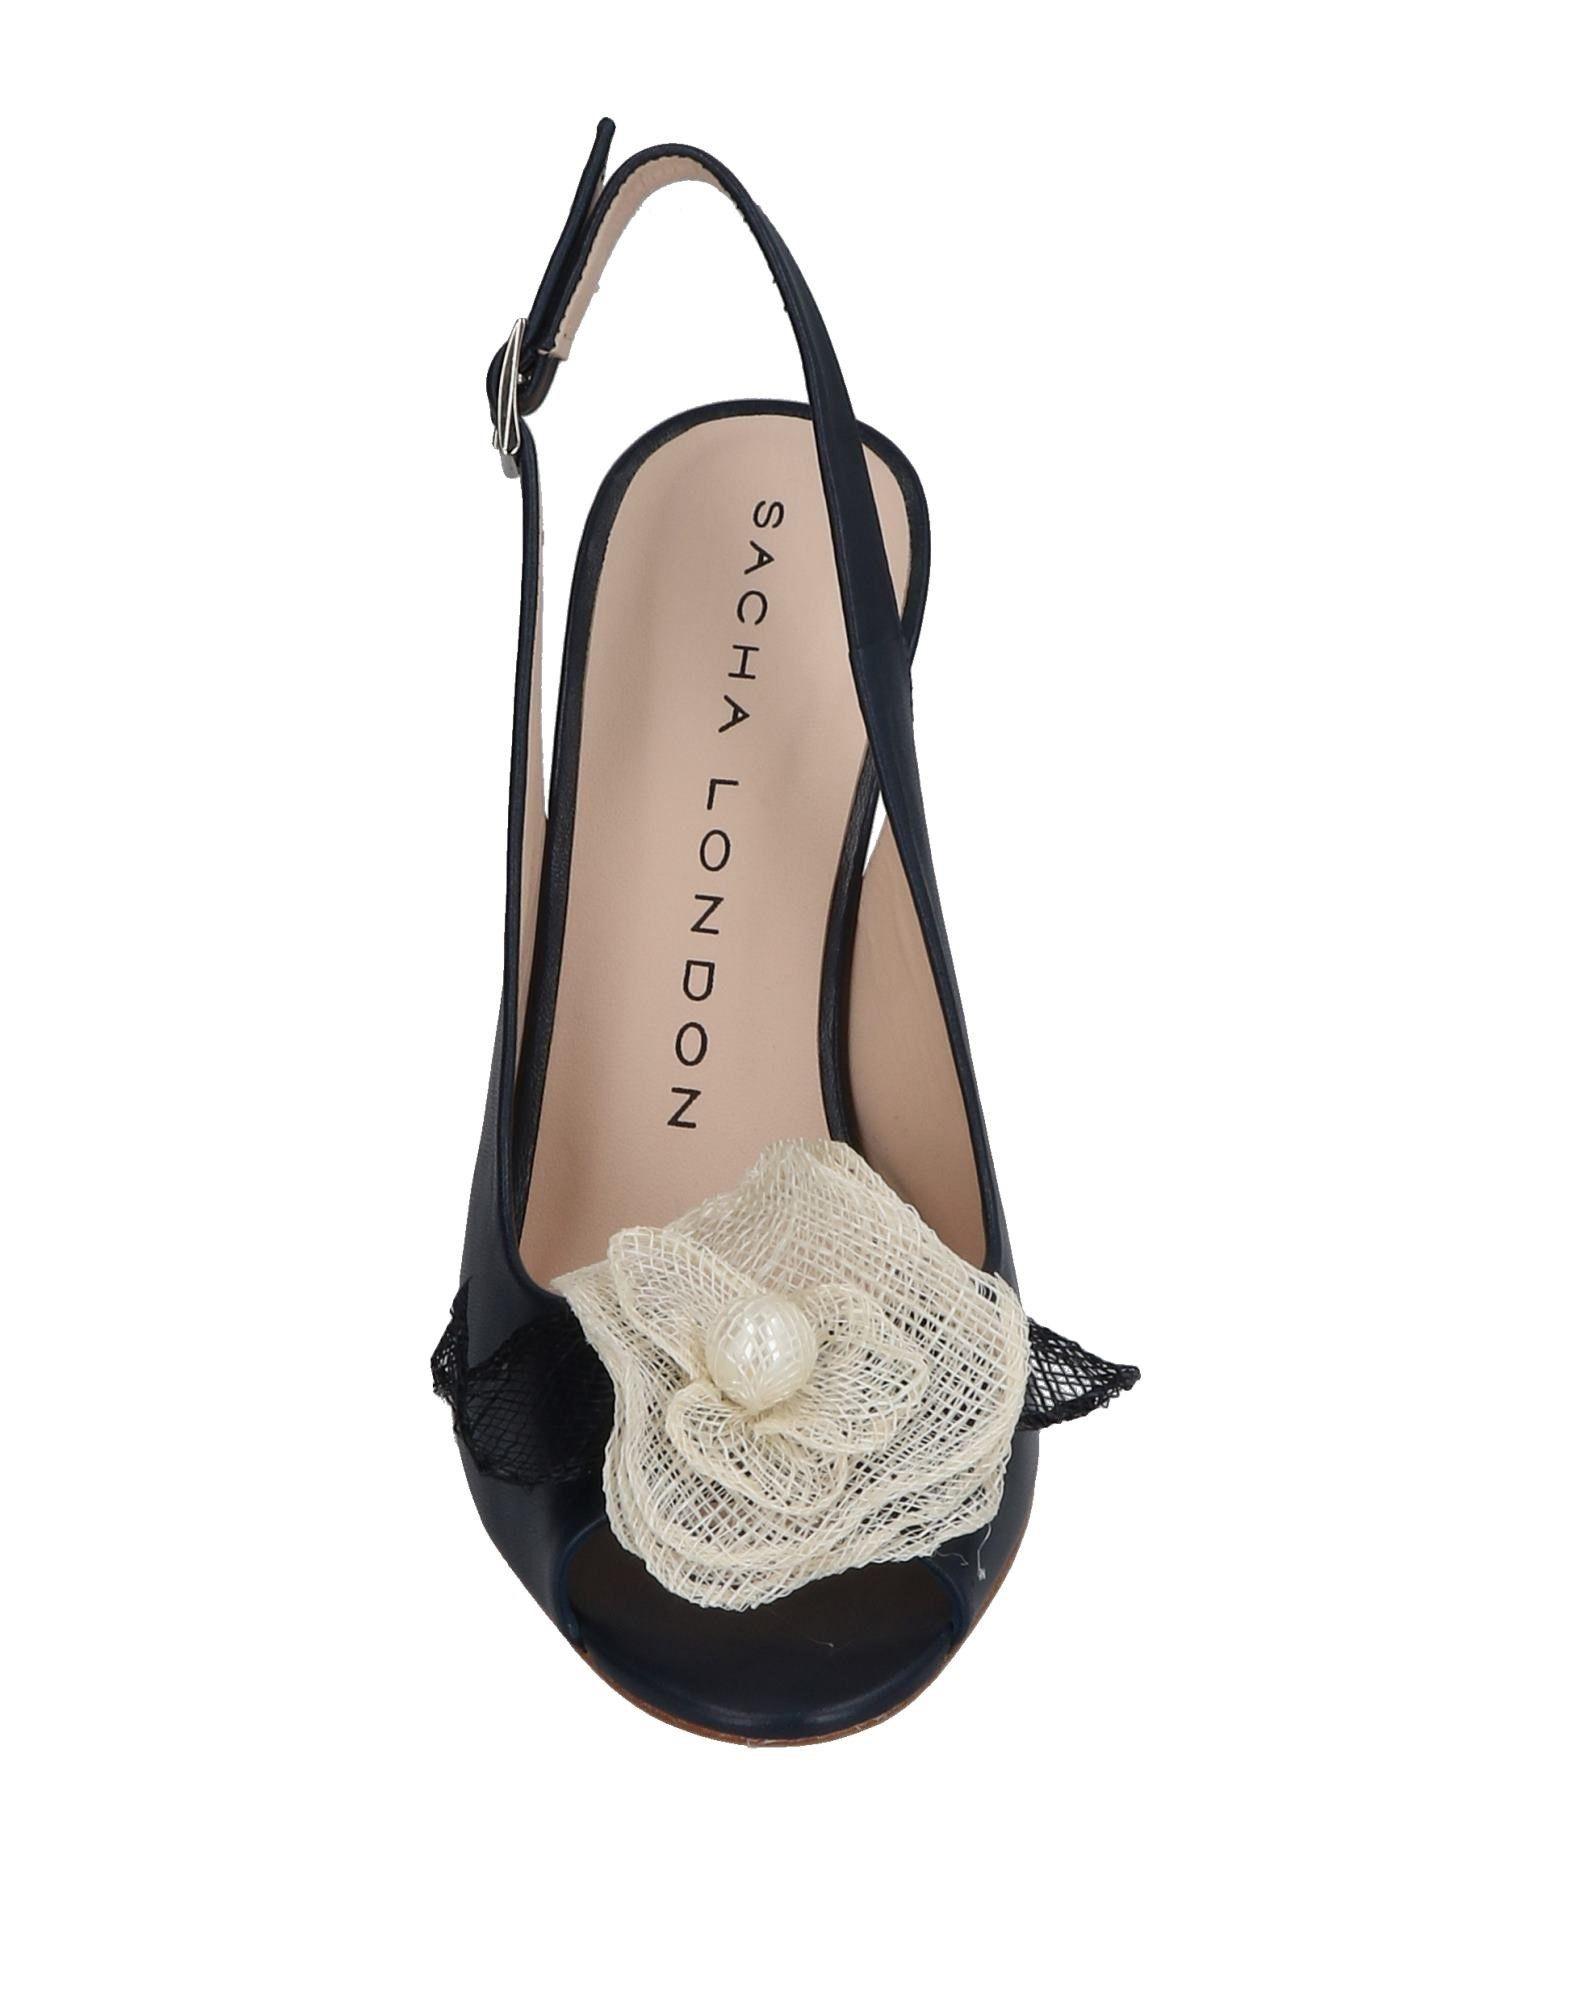 Sacha London Sandalen Damen   Damen 11429141HV Gute Qualität beliebte Schuhe 061585